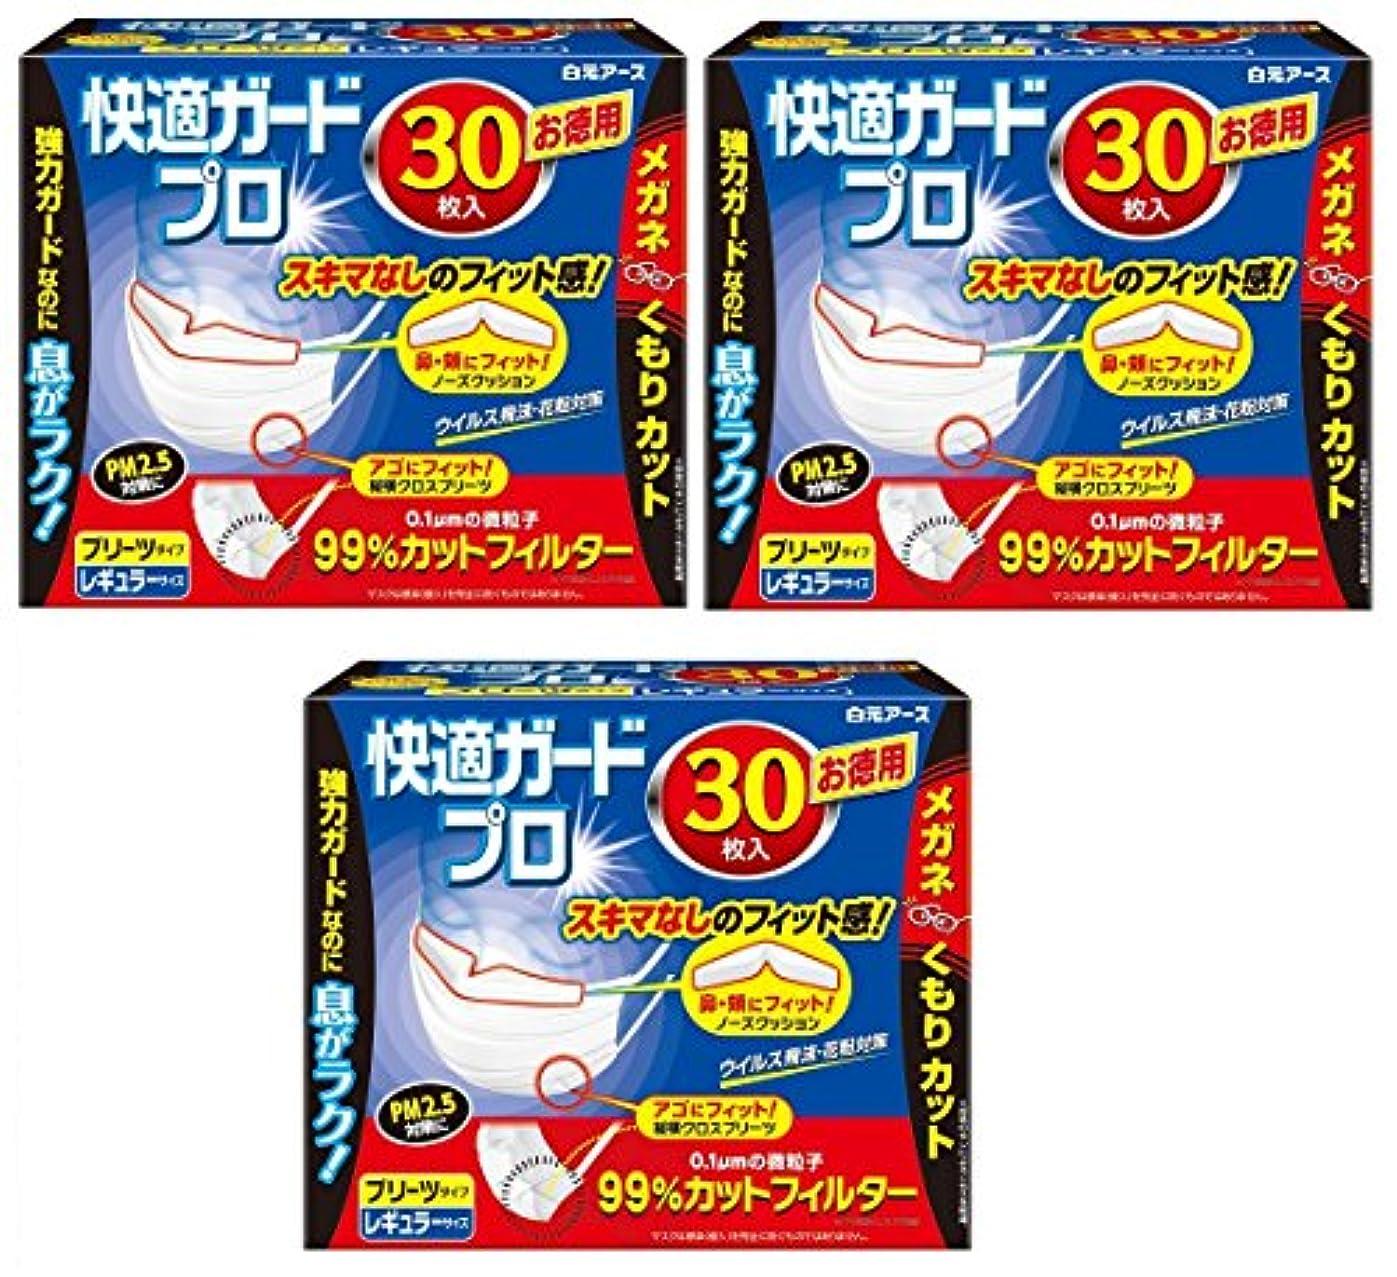 予防接種する接触シャット(PM2.5対応)快適ガードプロ プリーツタイプ レギュラーサイズ 30枚入×3